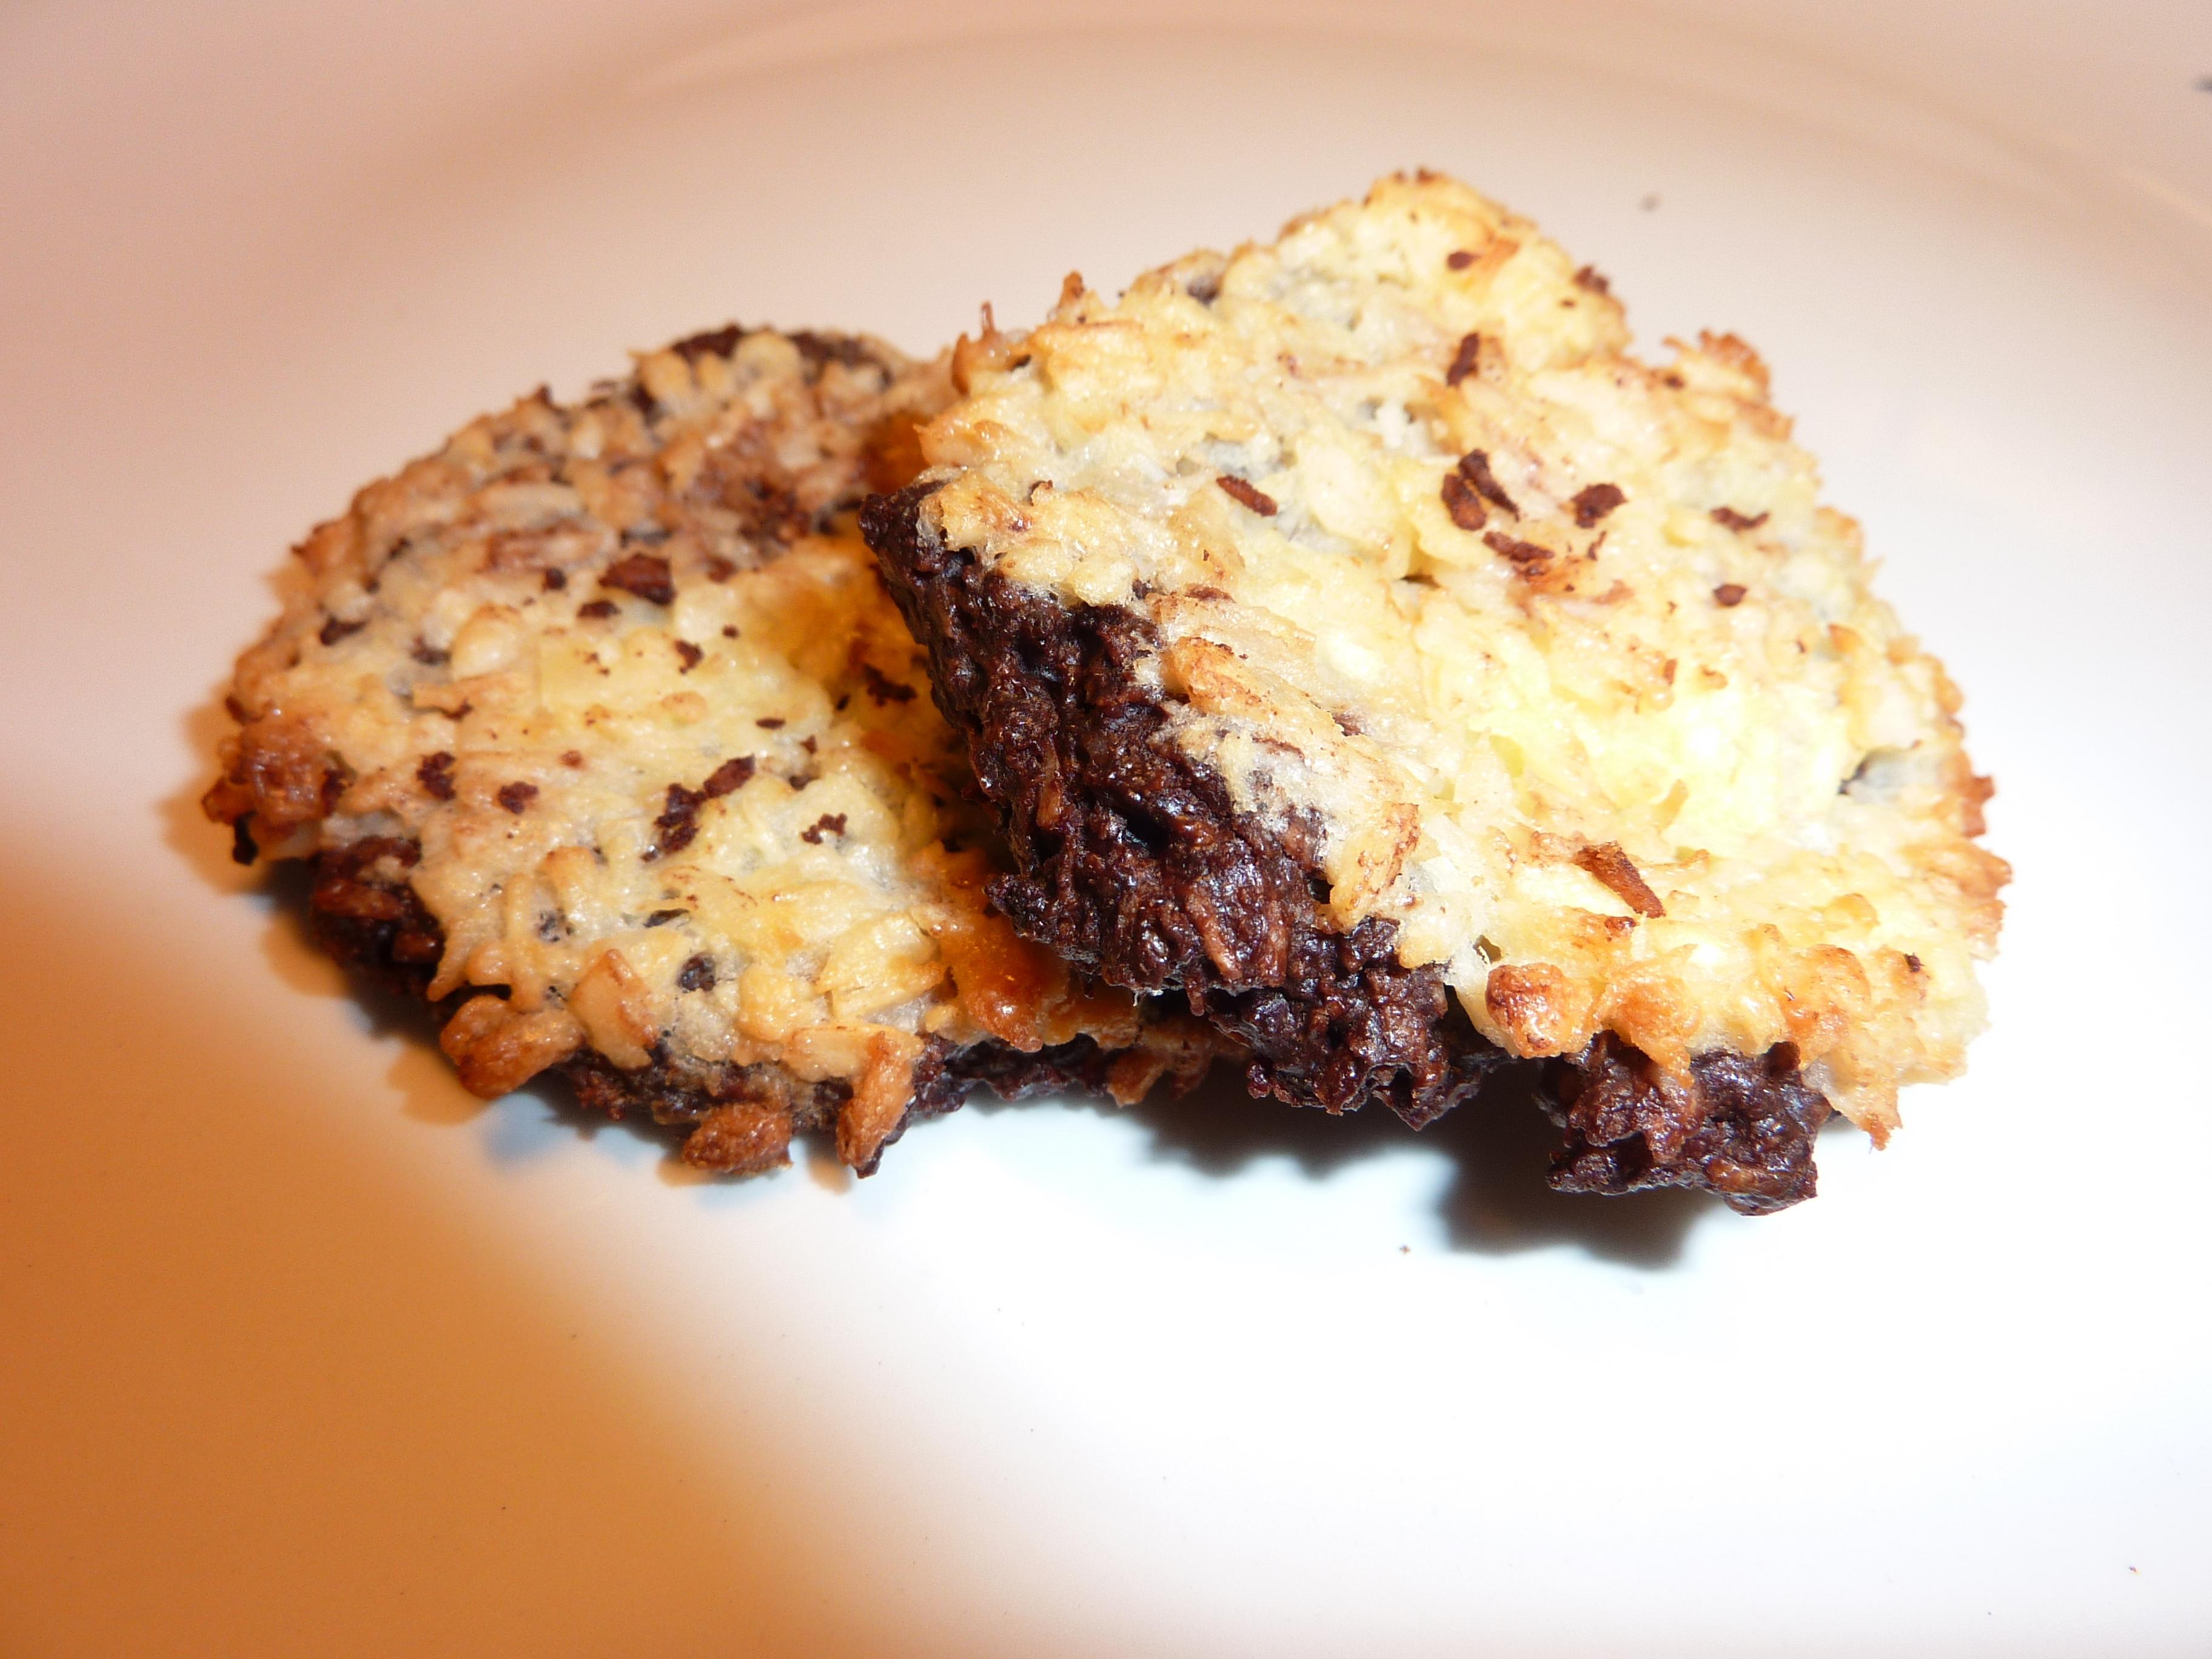 nyttiga bars med mörk choklad